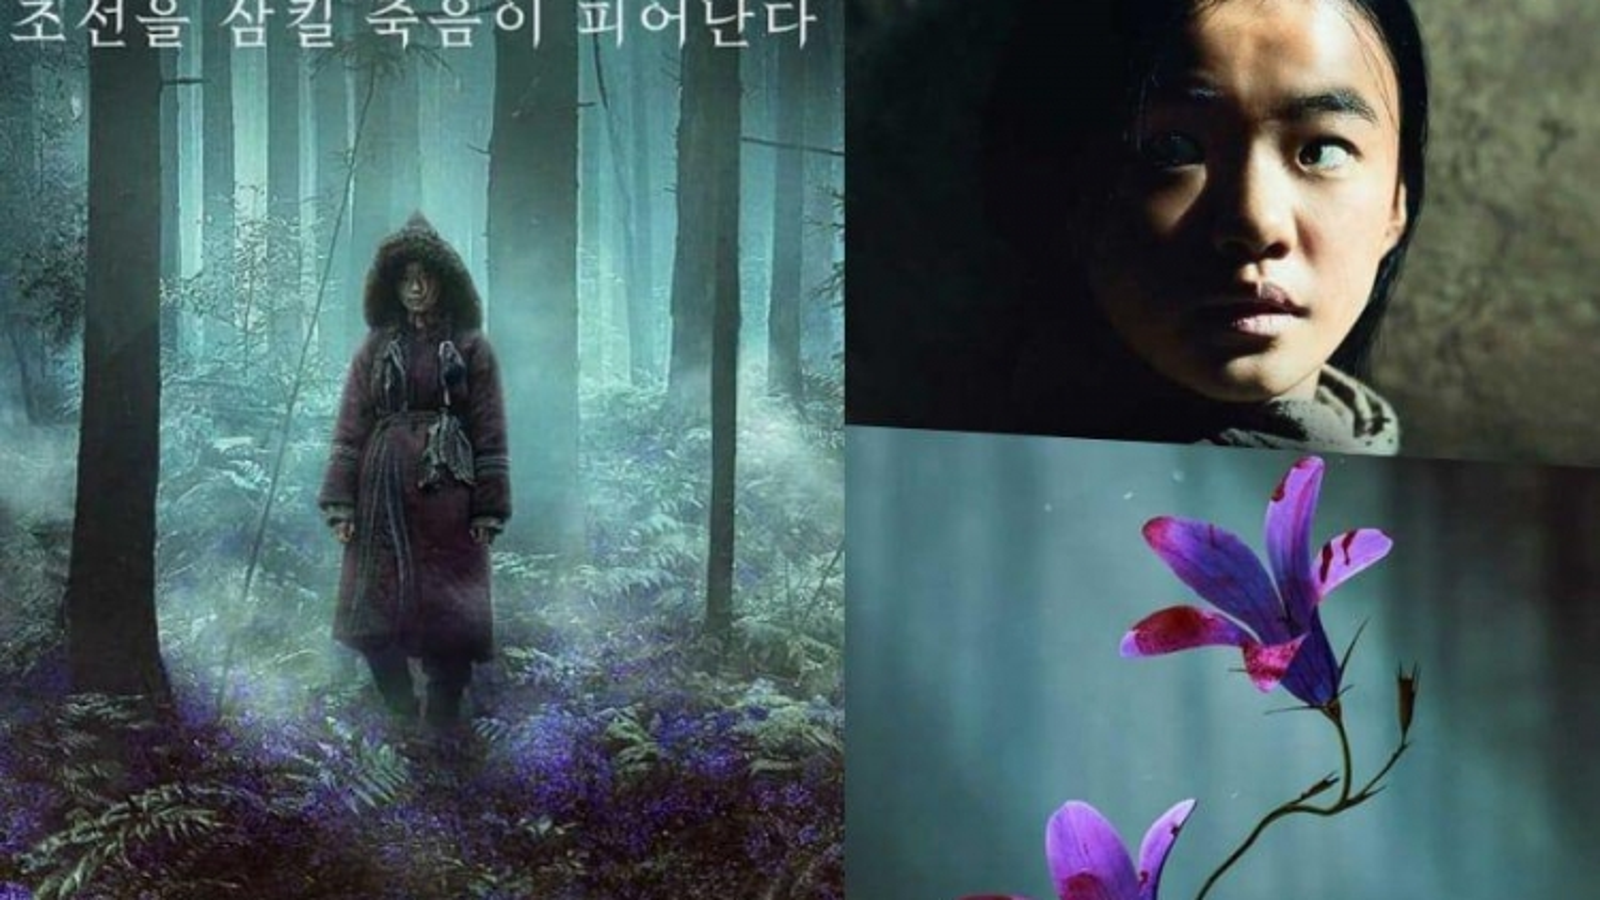 """Ngoại truyện series xác sống """"Kingdom"""" tung loạt poster bí ẩn, rùng rợn"""